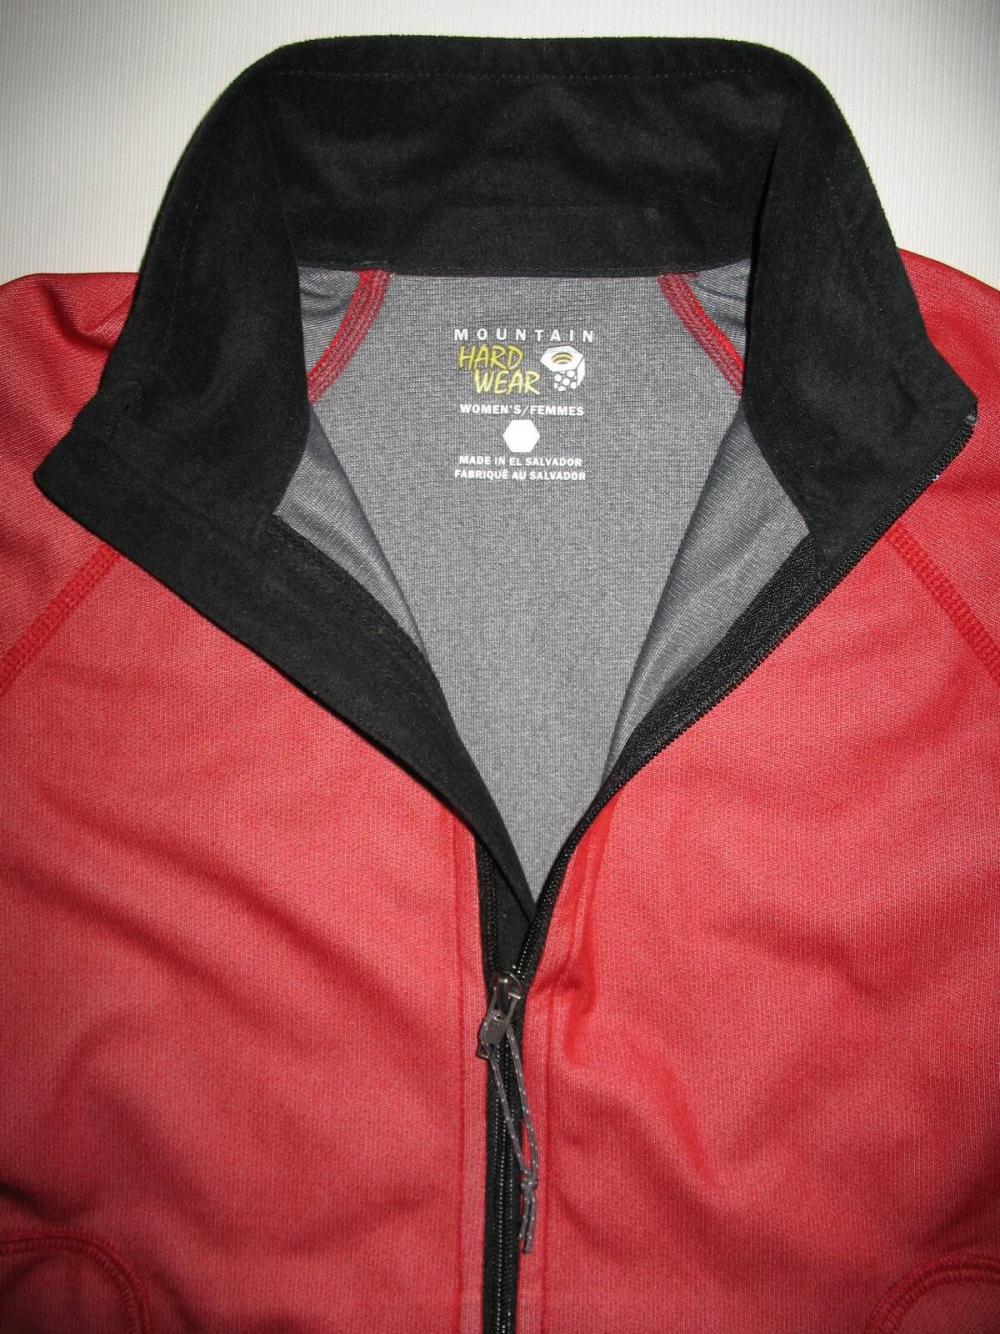 Куртка MOUNTAIN HARDWEAR windstopper jacket lady (размер S) - 3